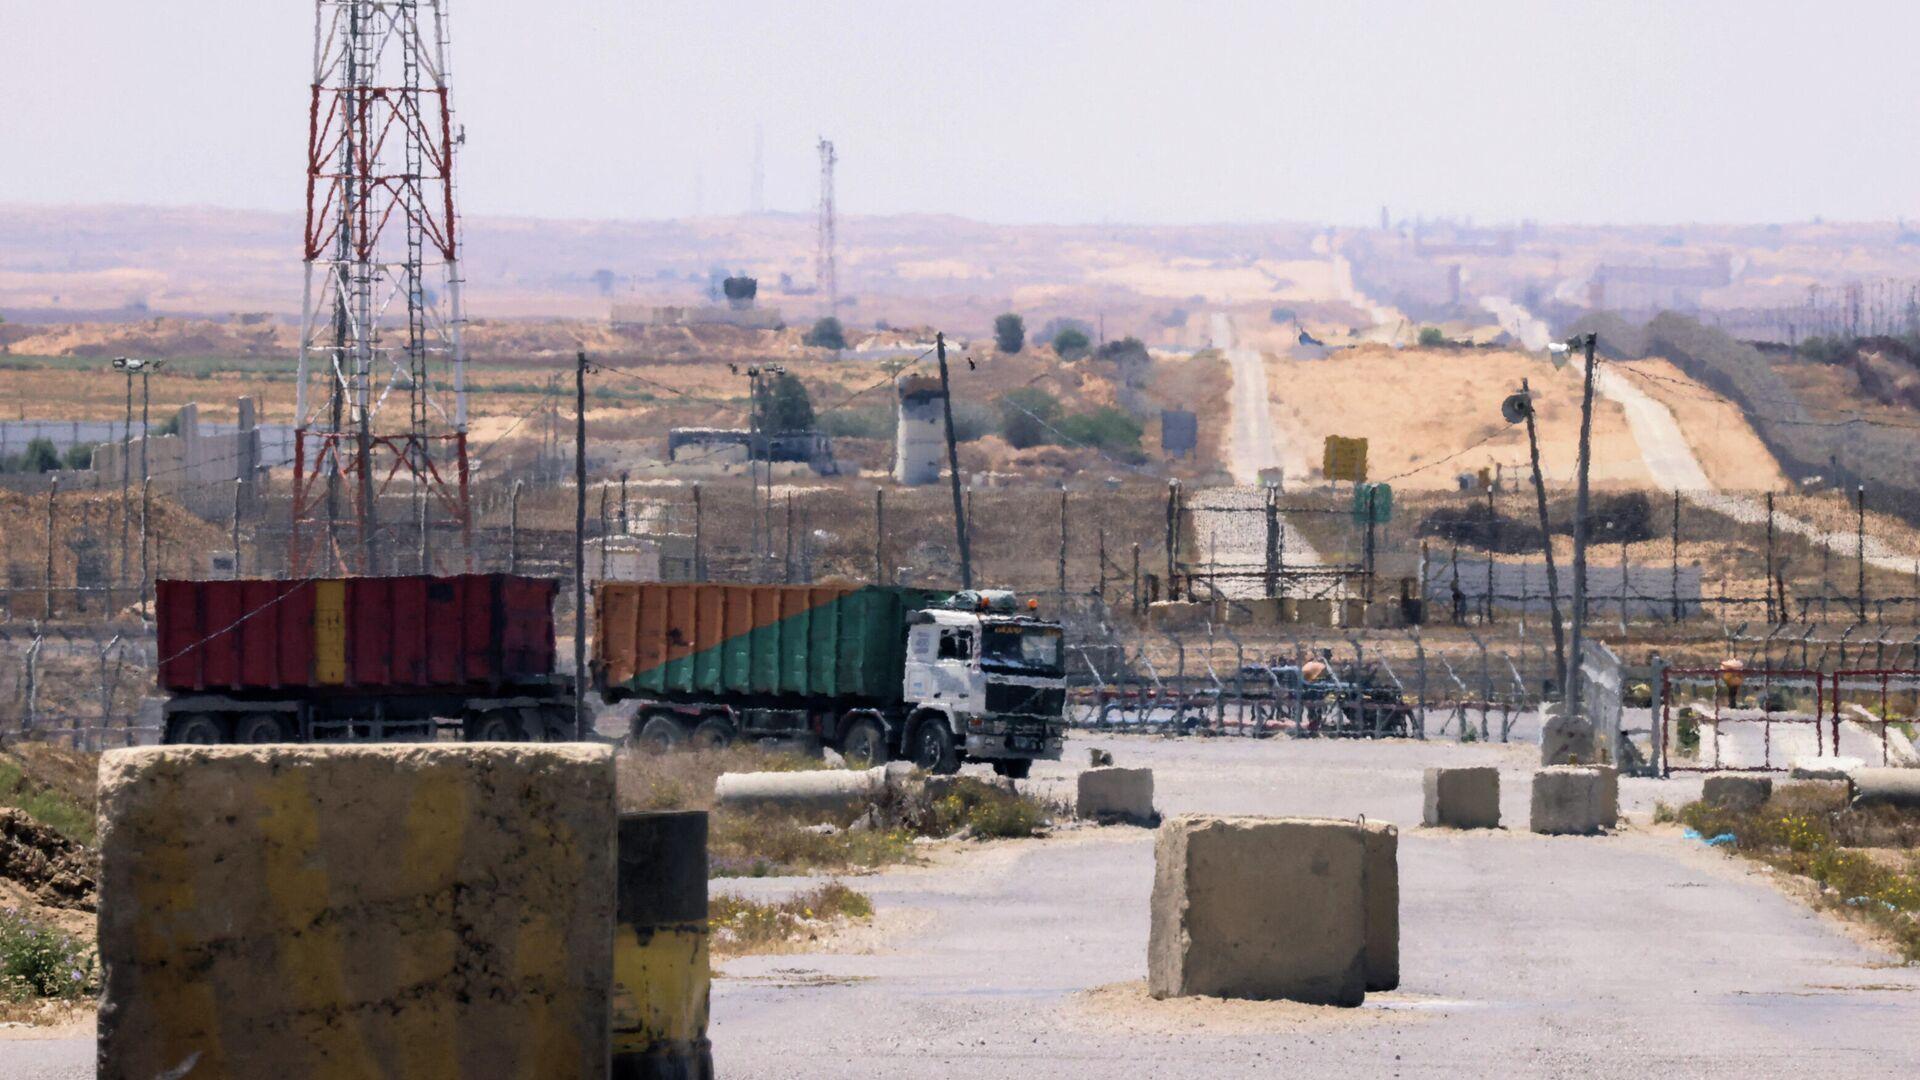 Контрольно-пропускной пункт Керем-Шалом в Рафахе на юге сектора Газа - РИА Новости, 1920, 13.07.2021